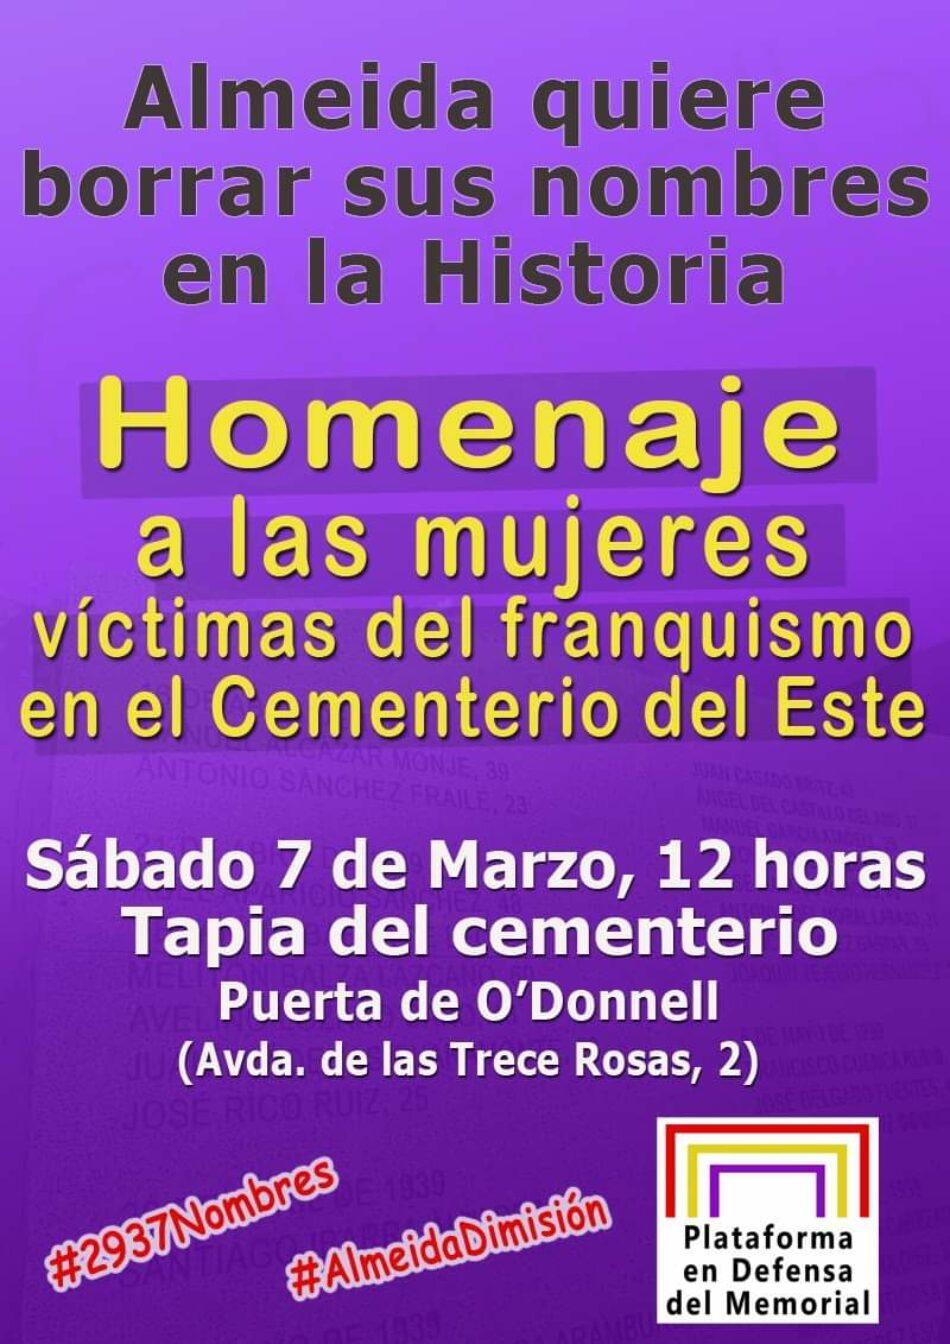 """Acto Homenaje a las mujeres víctimas del Franquismo en el cementerio de Este: """"Martínez Almeida quiere borrar sus nombres en la Historia"""""""